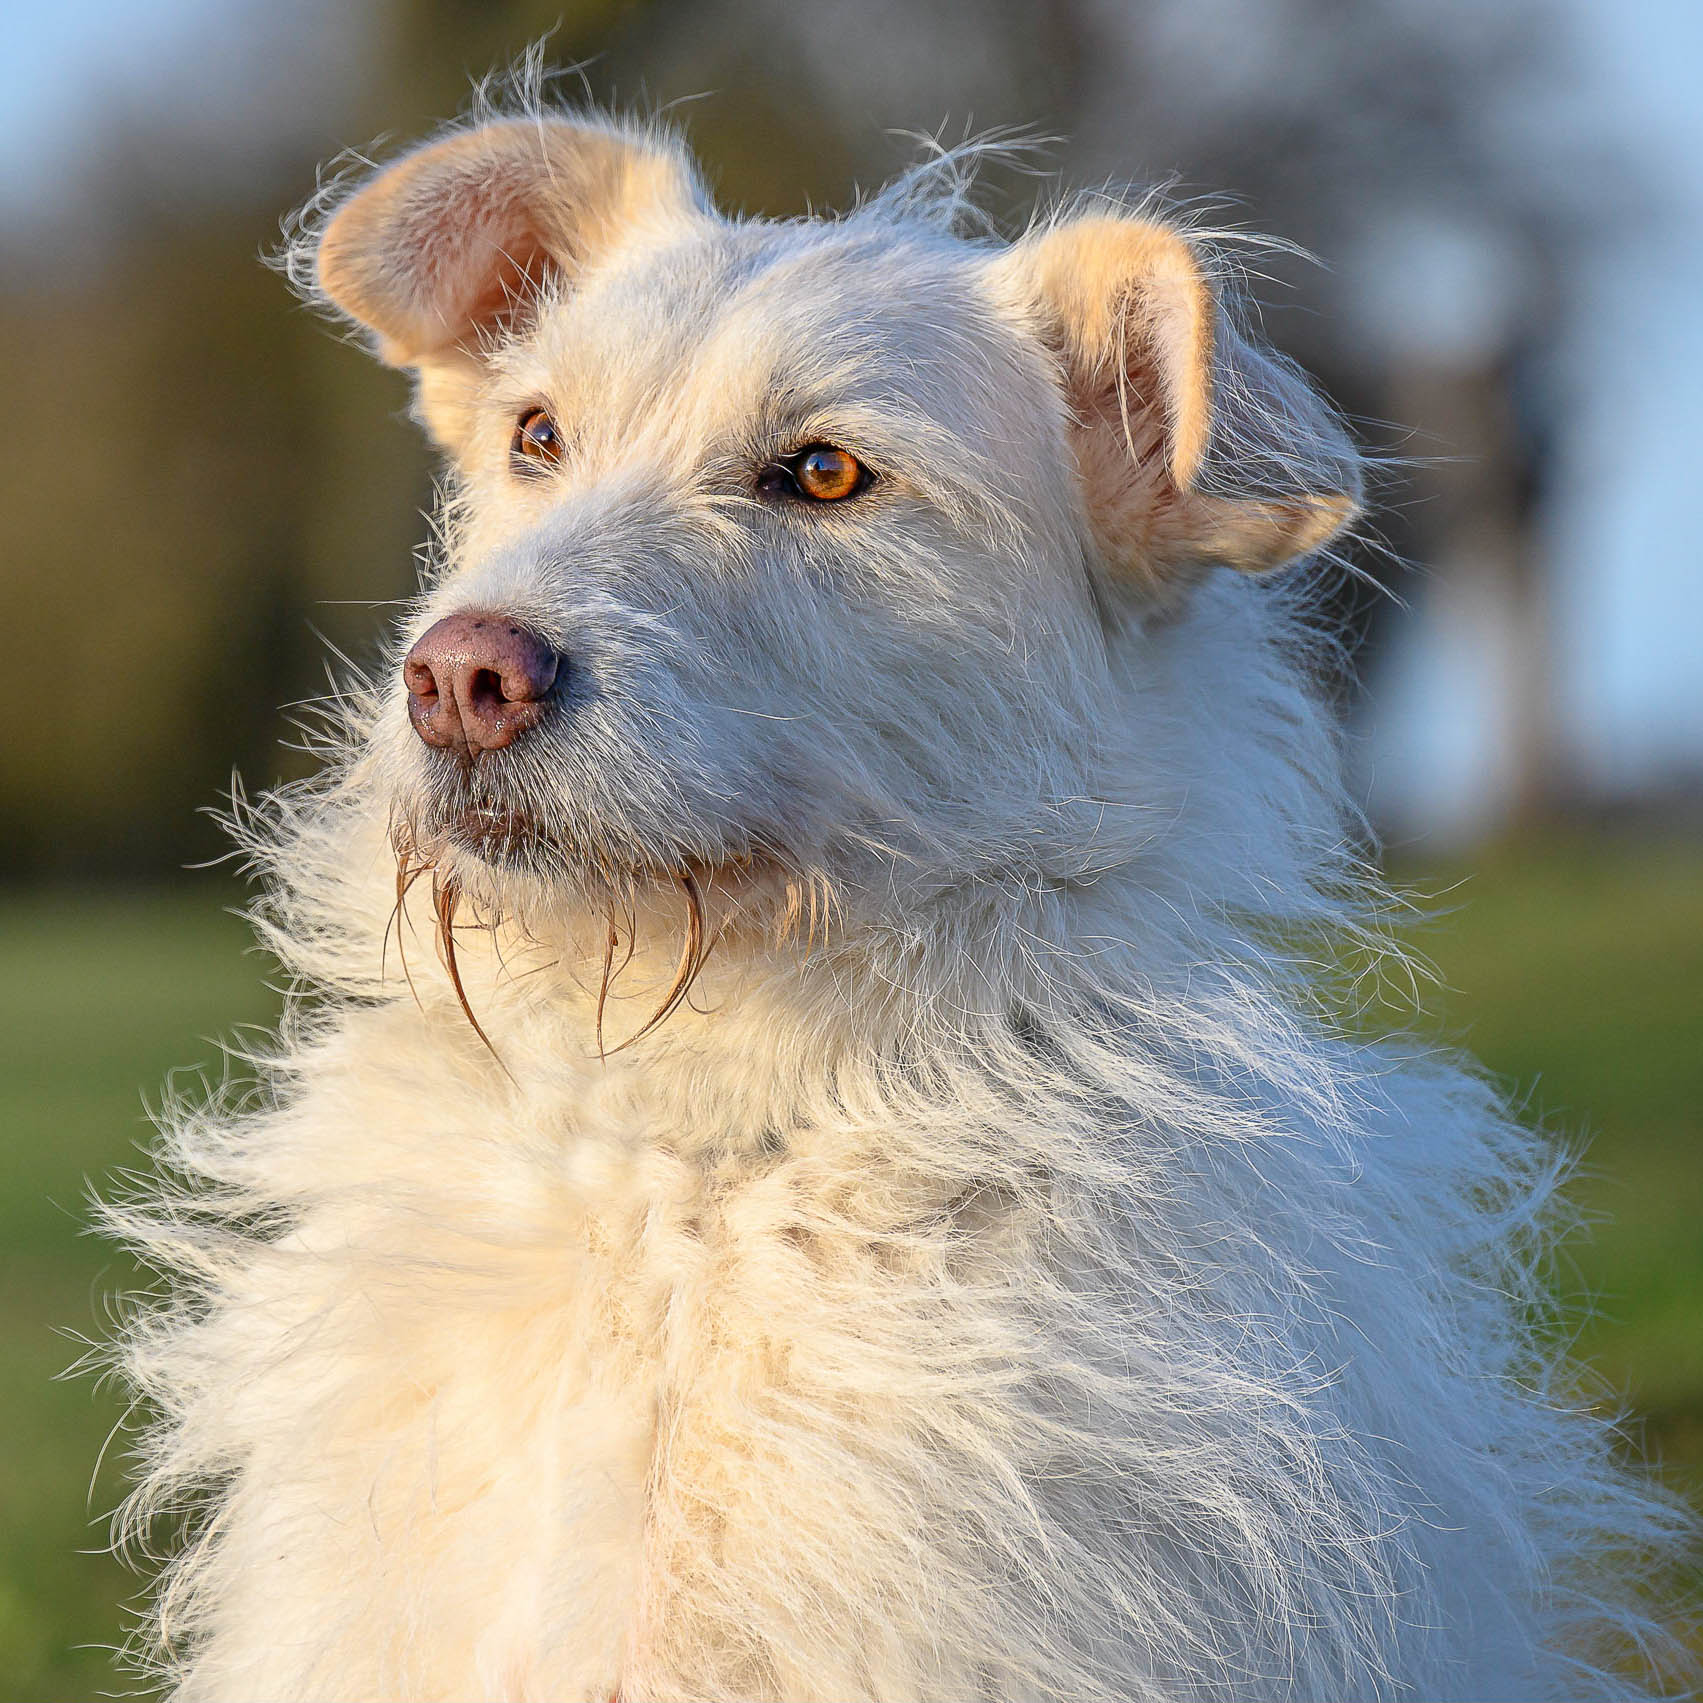 stubeliger, weißer Hund im Porträt